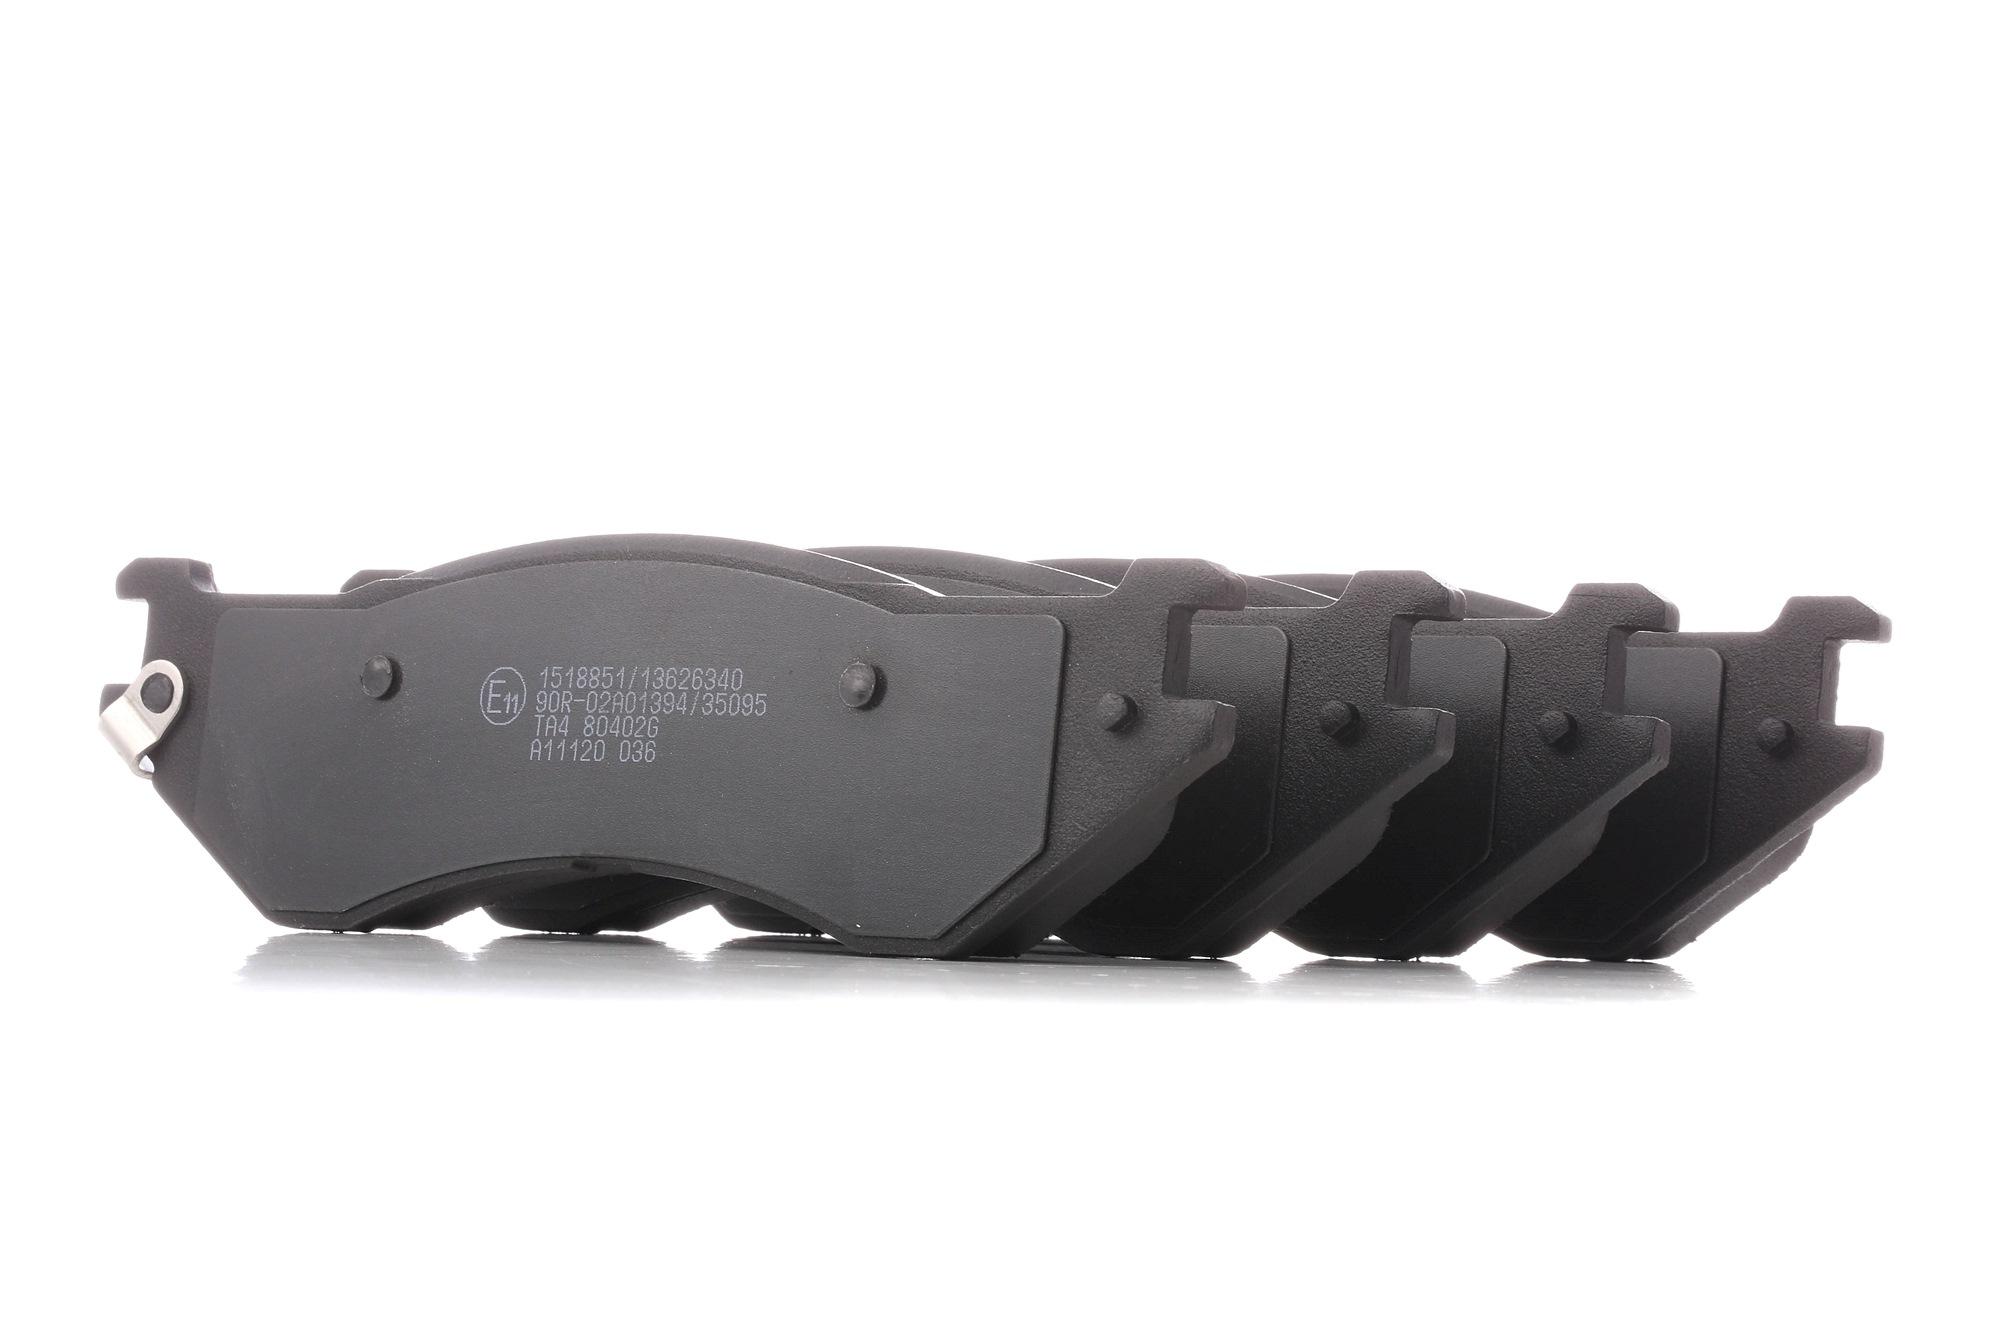 DODGE DURANGO 2021 Bremsklötze - Original RIDEX 402B1295 Höhe: 56,5mm, Breite: 188,5mm, Dicke/Stärke: 16,5mm